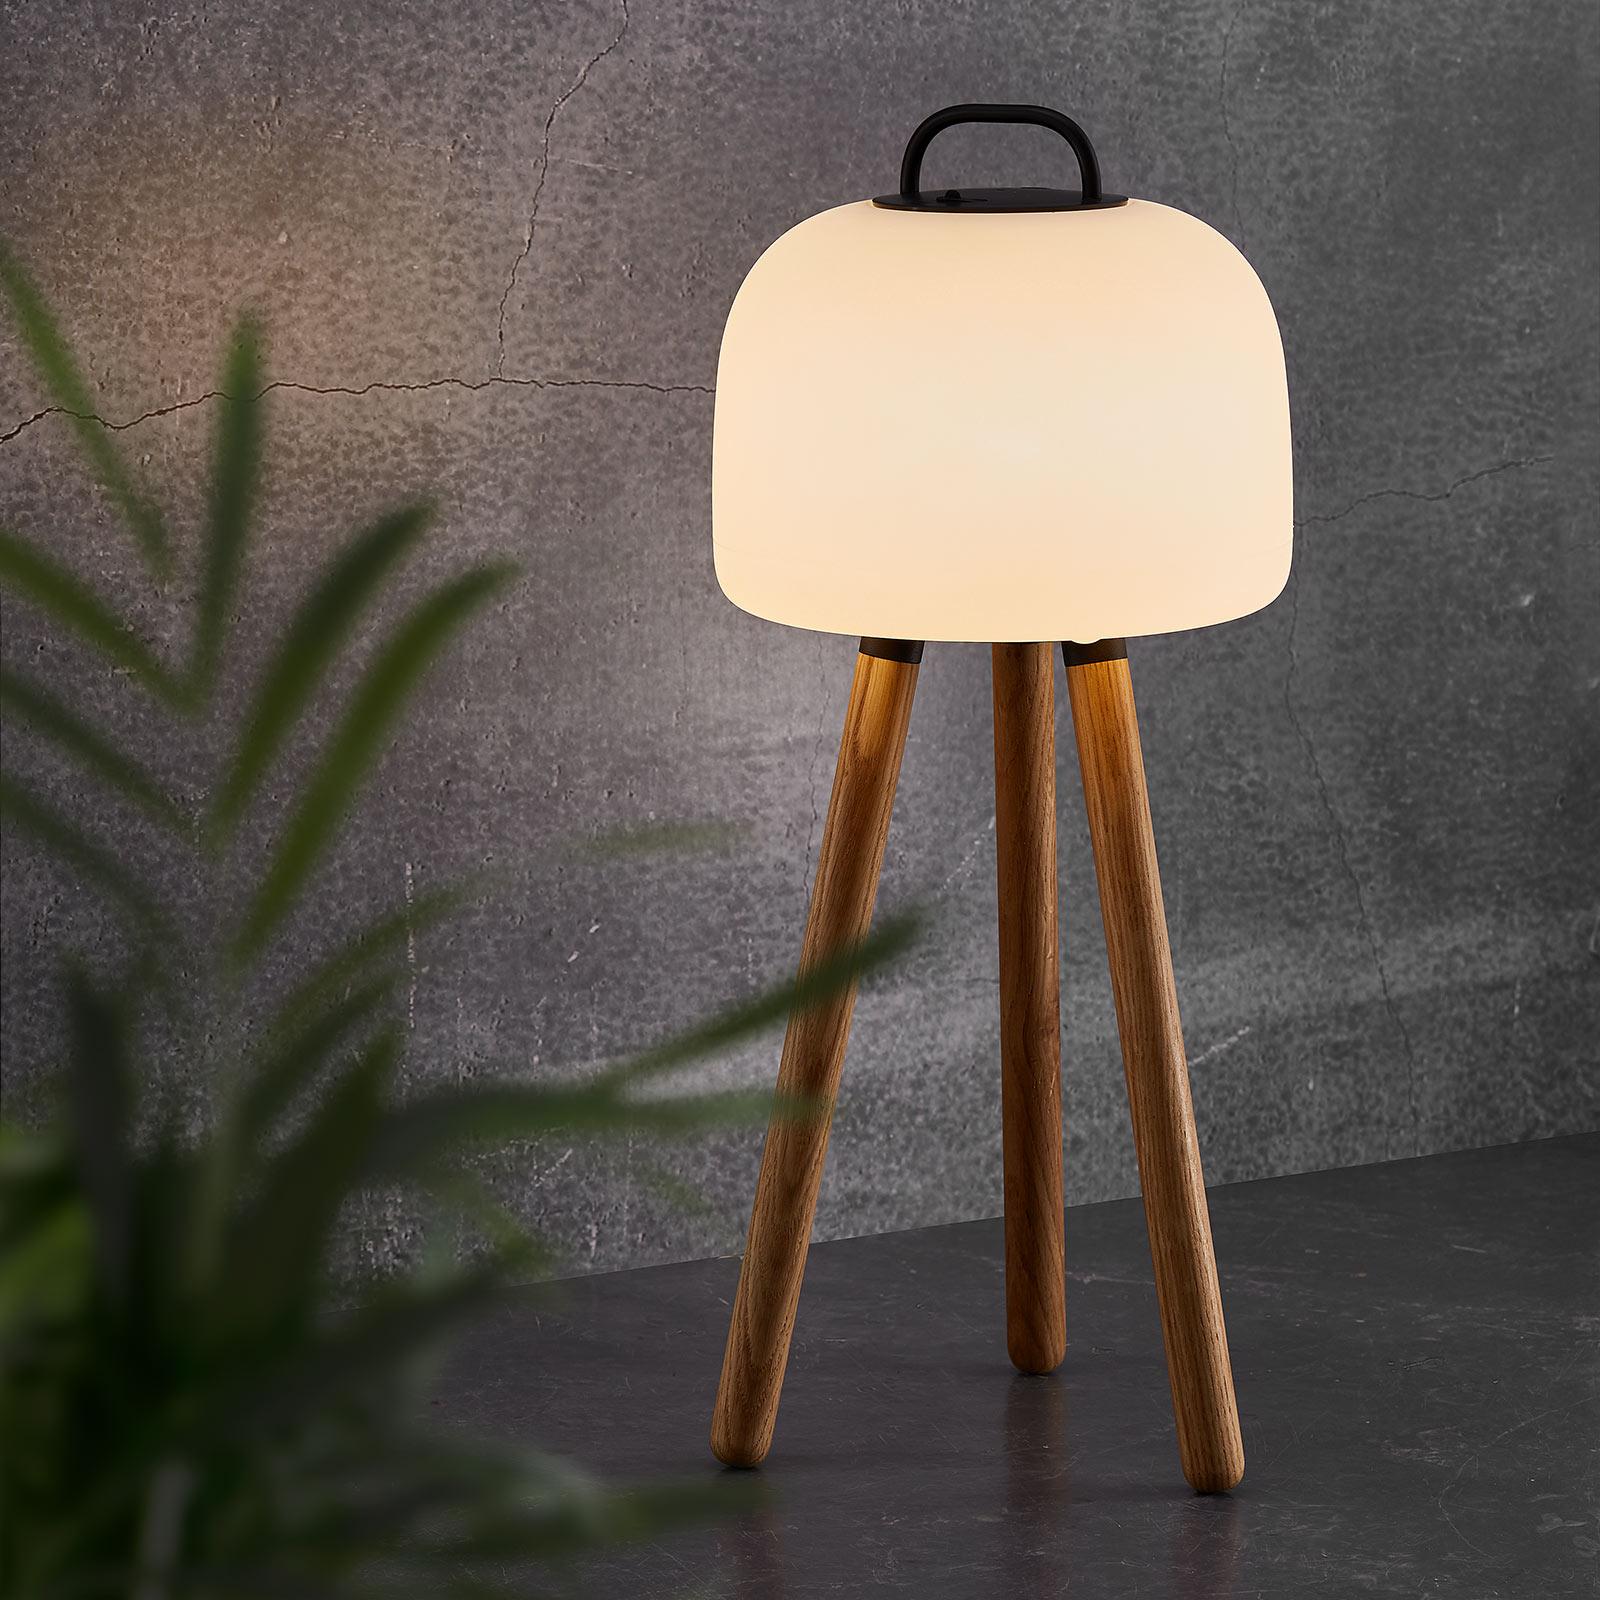 LED-pöytälamppu Kettle, kolmijalka, varjostin 22cm